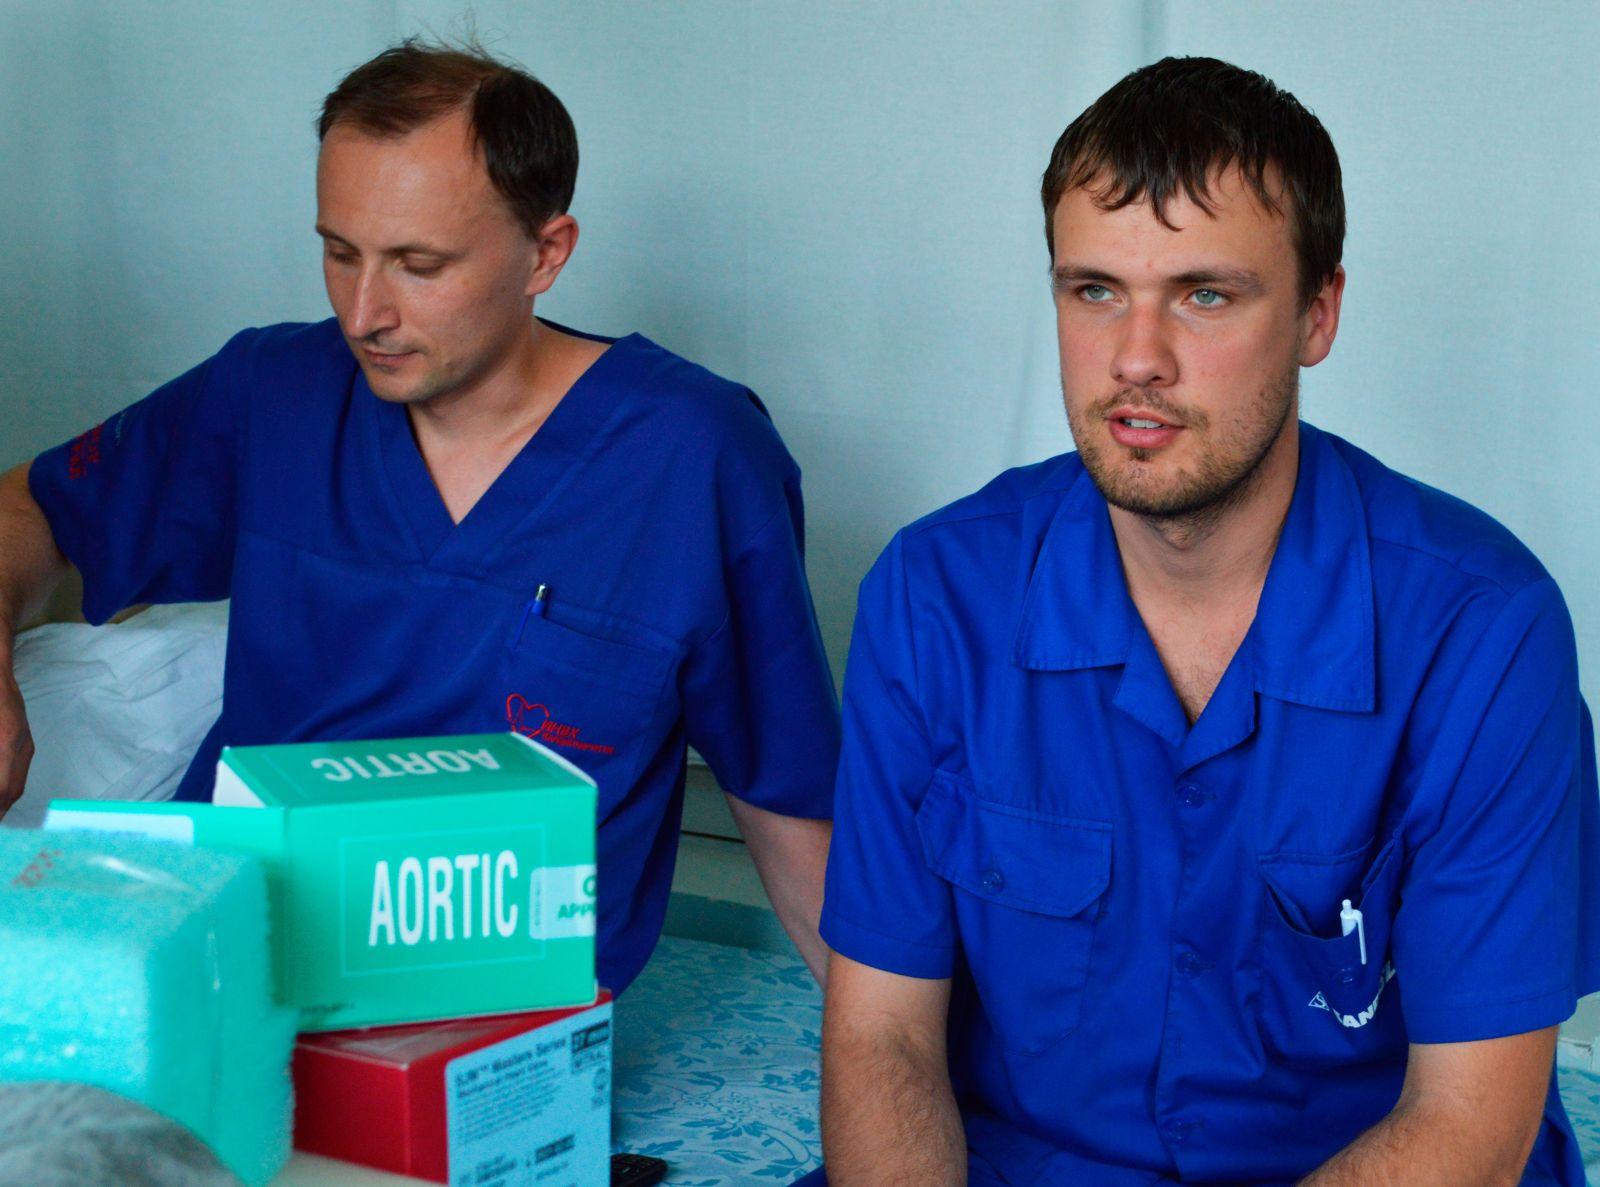 Андрей Ковальчук и Сергей Антонюк входят в бригаду Сергея Эстрина и  работают с приобретенными пороками сердца и ишемической болезнью сердца (это аортокоронарное шунтирование). Это то, что кардиохирурги называют большими операциями. Фото МедиаПорт